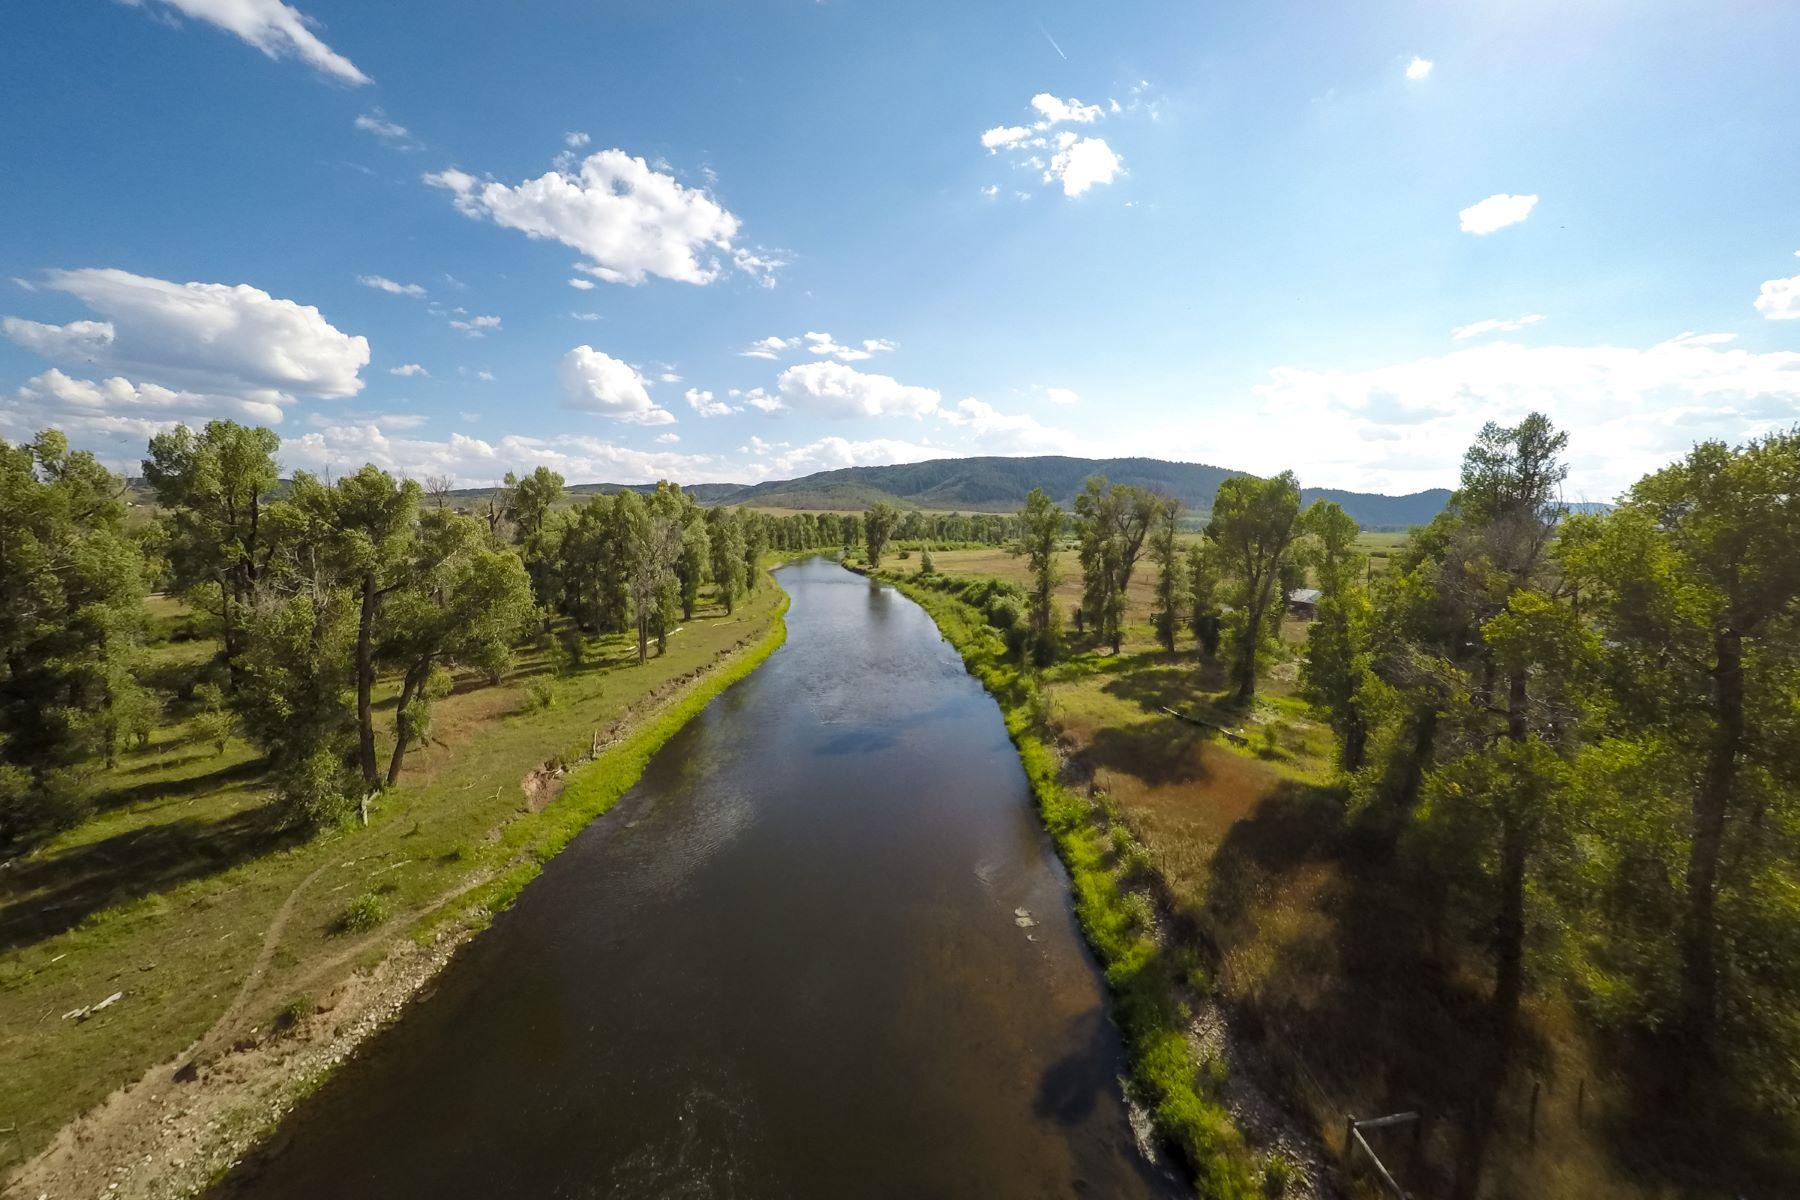 Ferme / Ranch / Plantation pour l Vente à The Tellier Ranch 25365 CR 33A Steamboat Springs, Colorado 80487 États-Unis